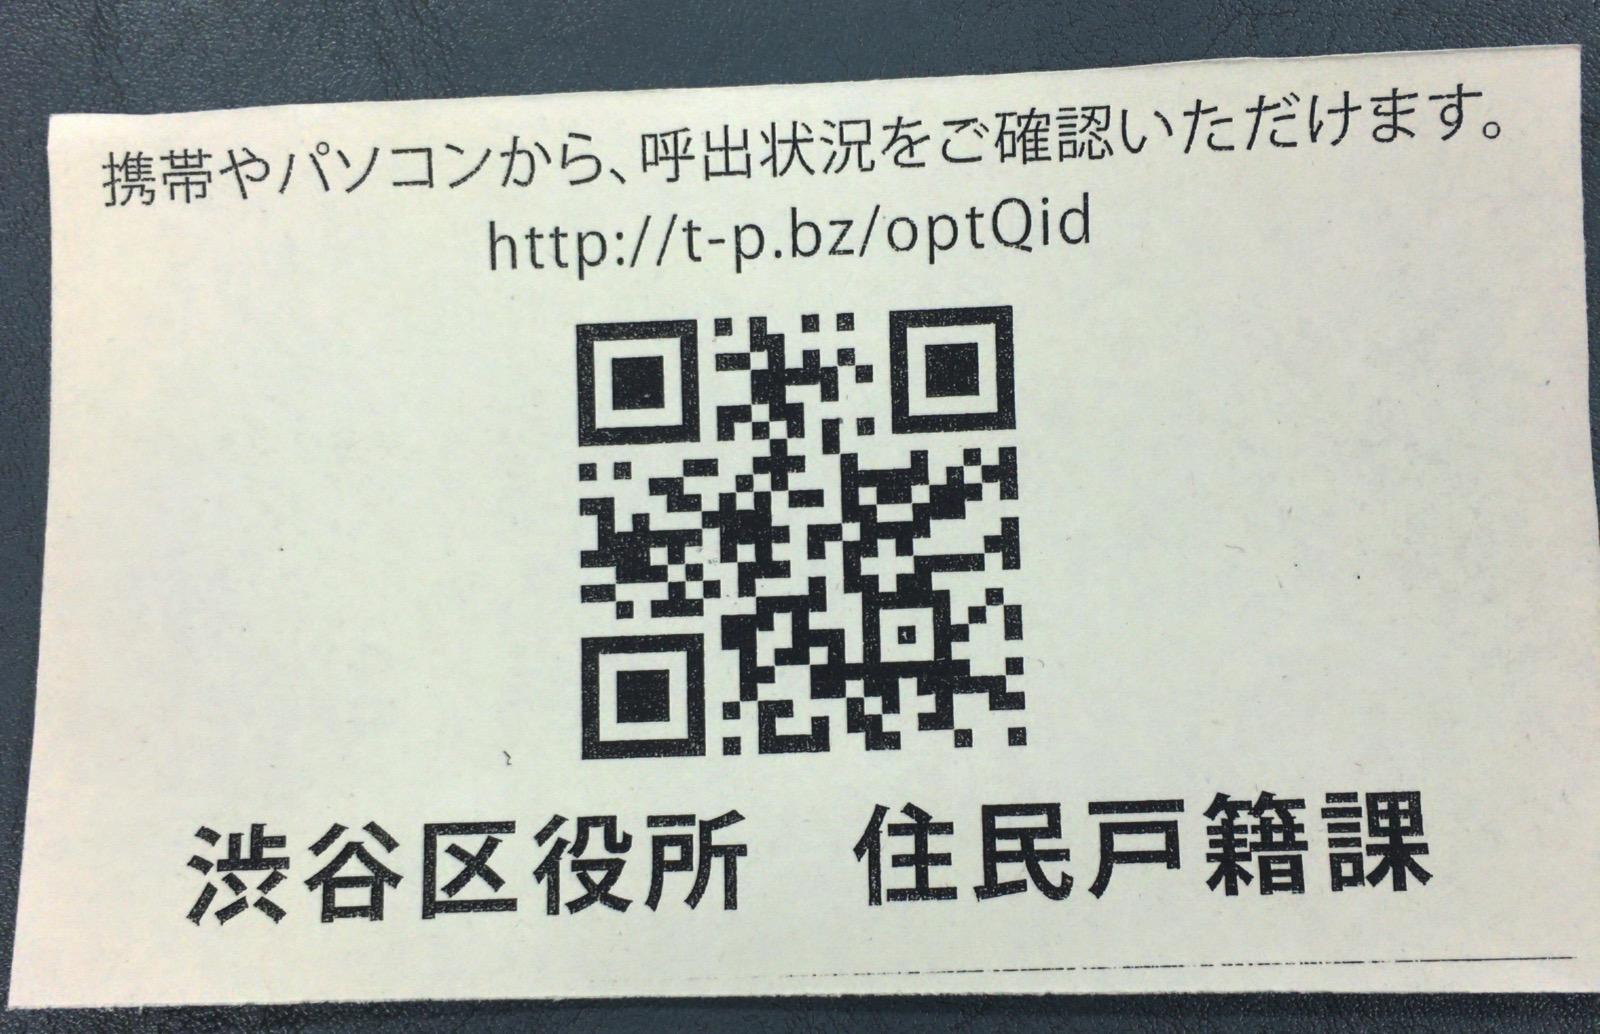 渋谷区のqrコードの取り組みがすごい